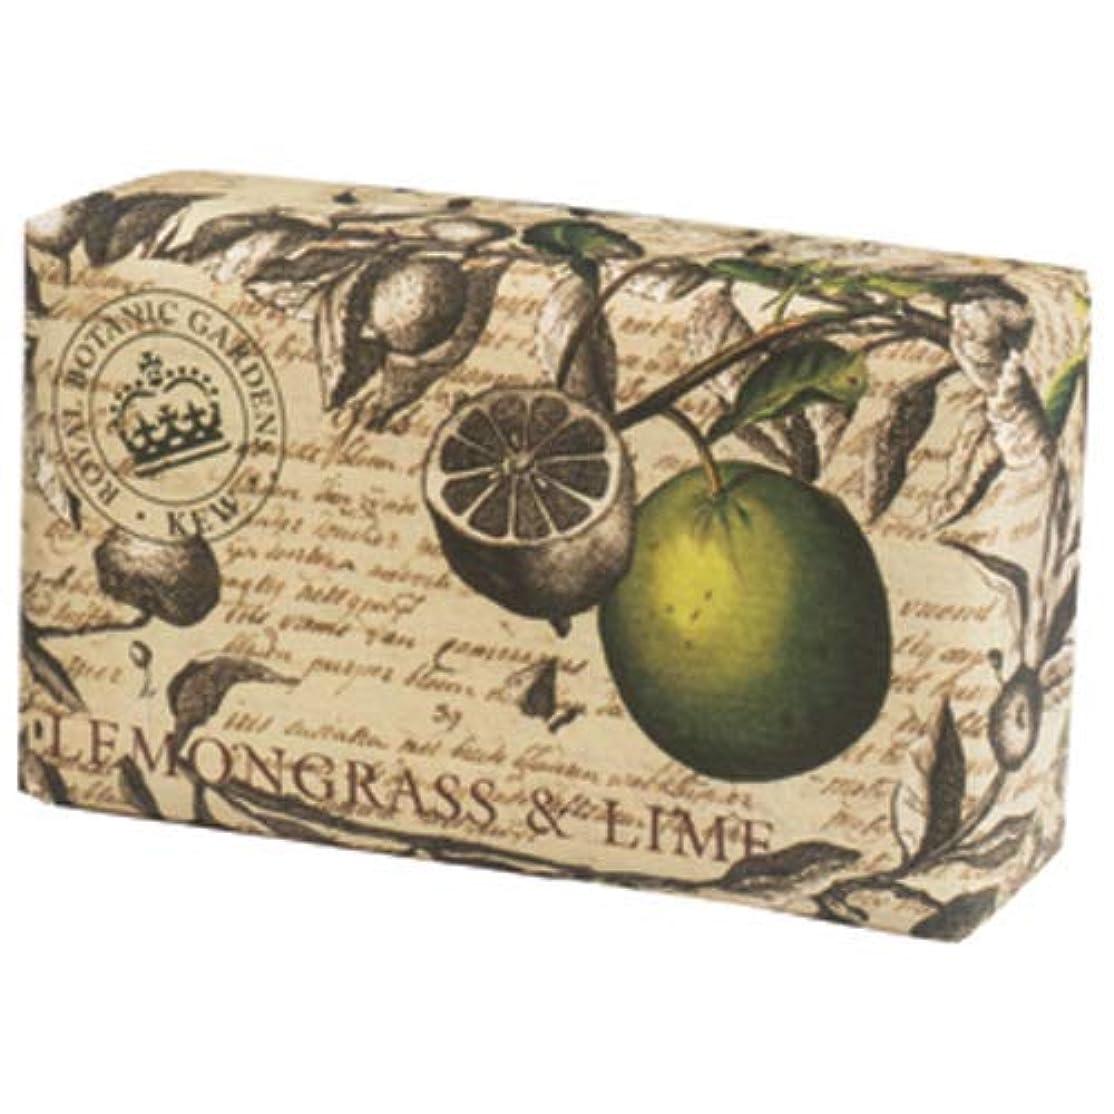 尽きる帝国現金English Soap Company イングリッシュソープカンパニー KEW GARDEN キュー?ガーデン Luxury Scrub Soaps スクラブソープ Lemongrass & Lime レモングラス&ライム